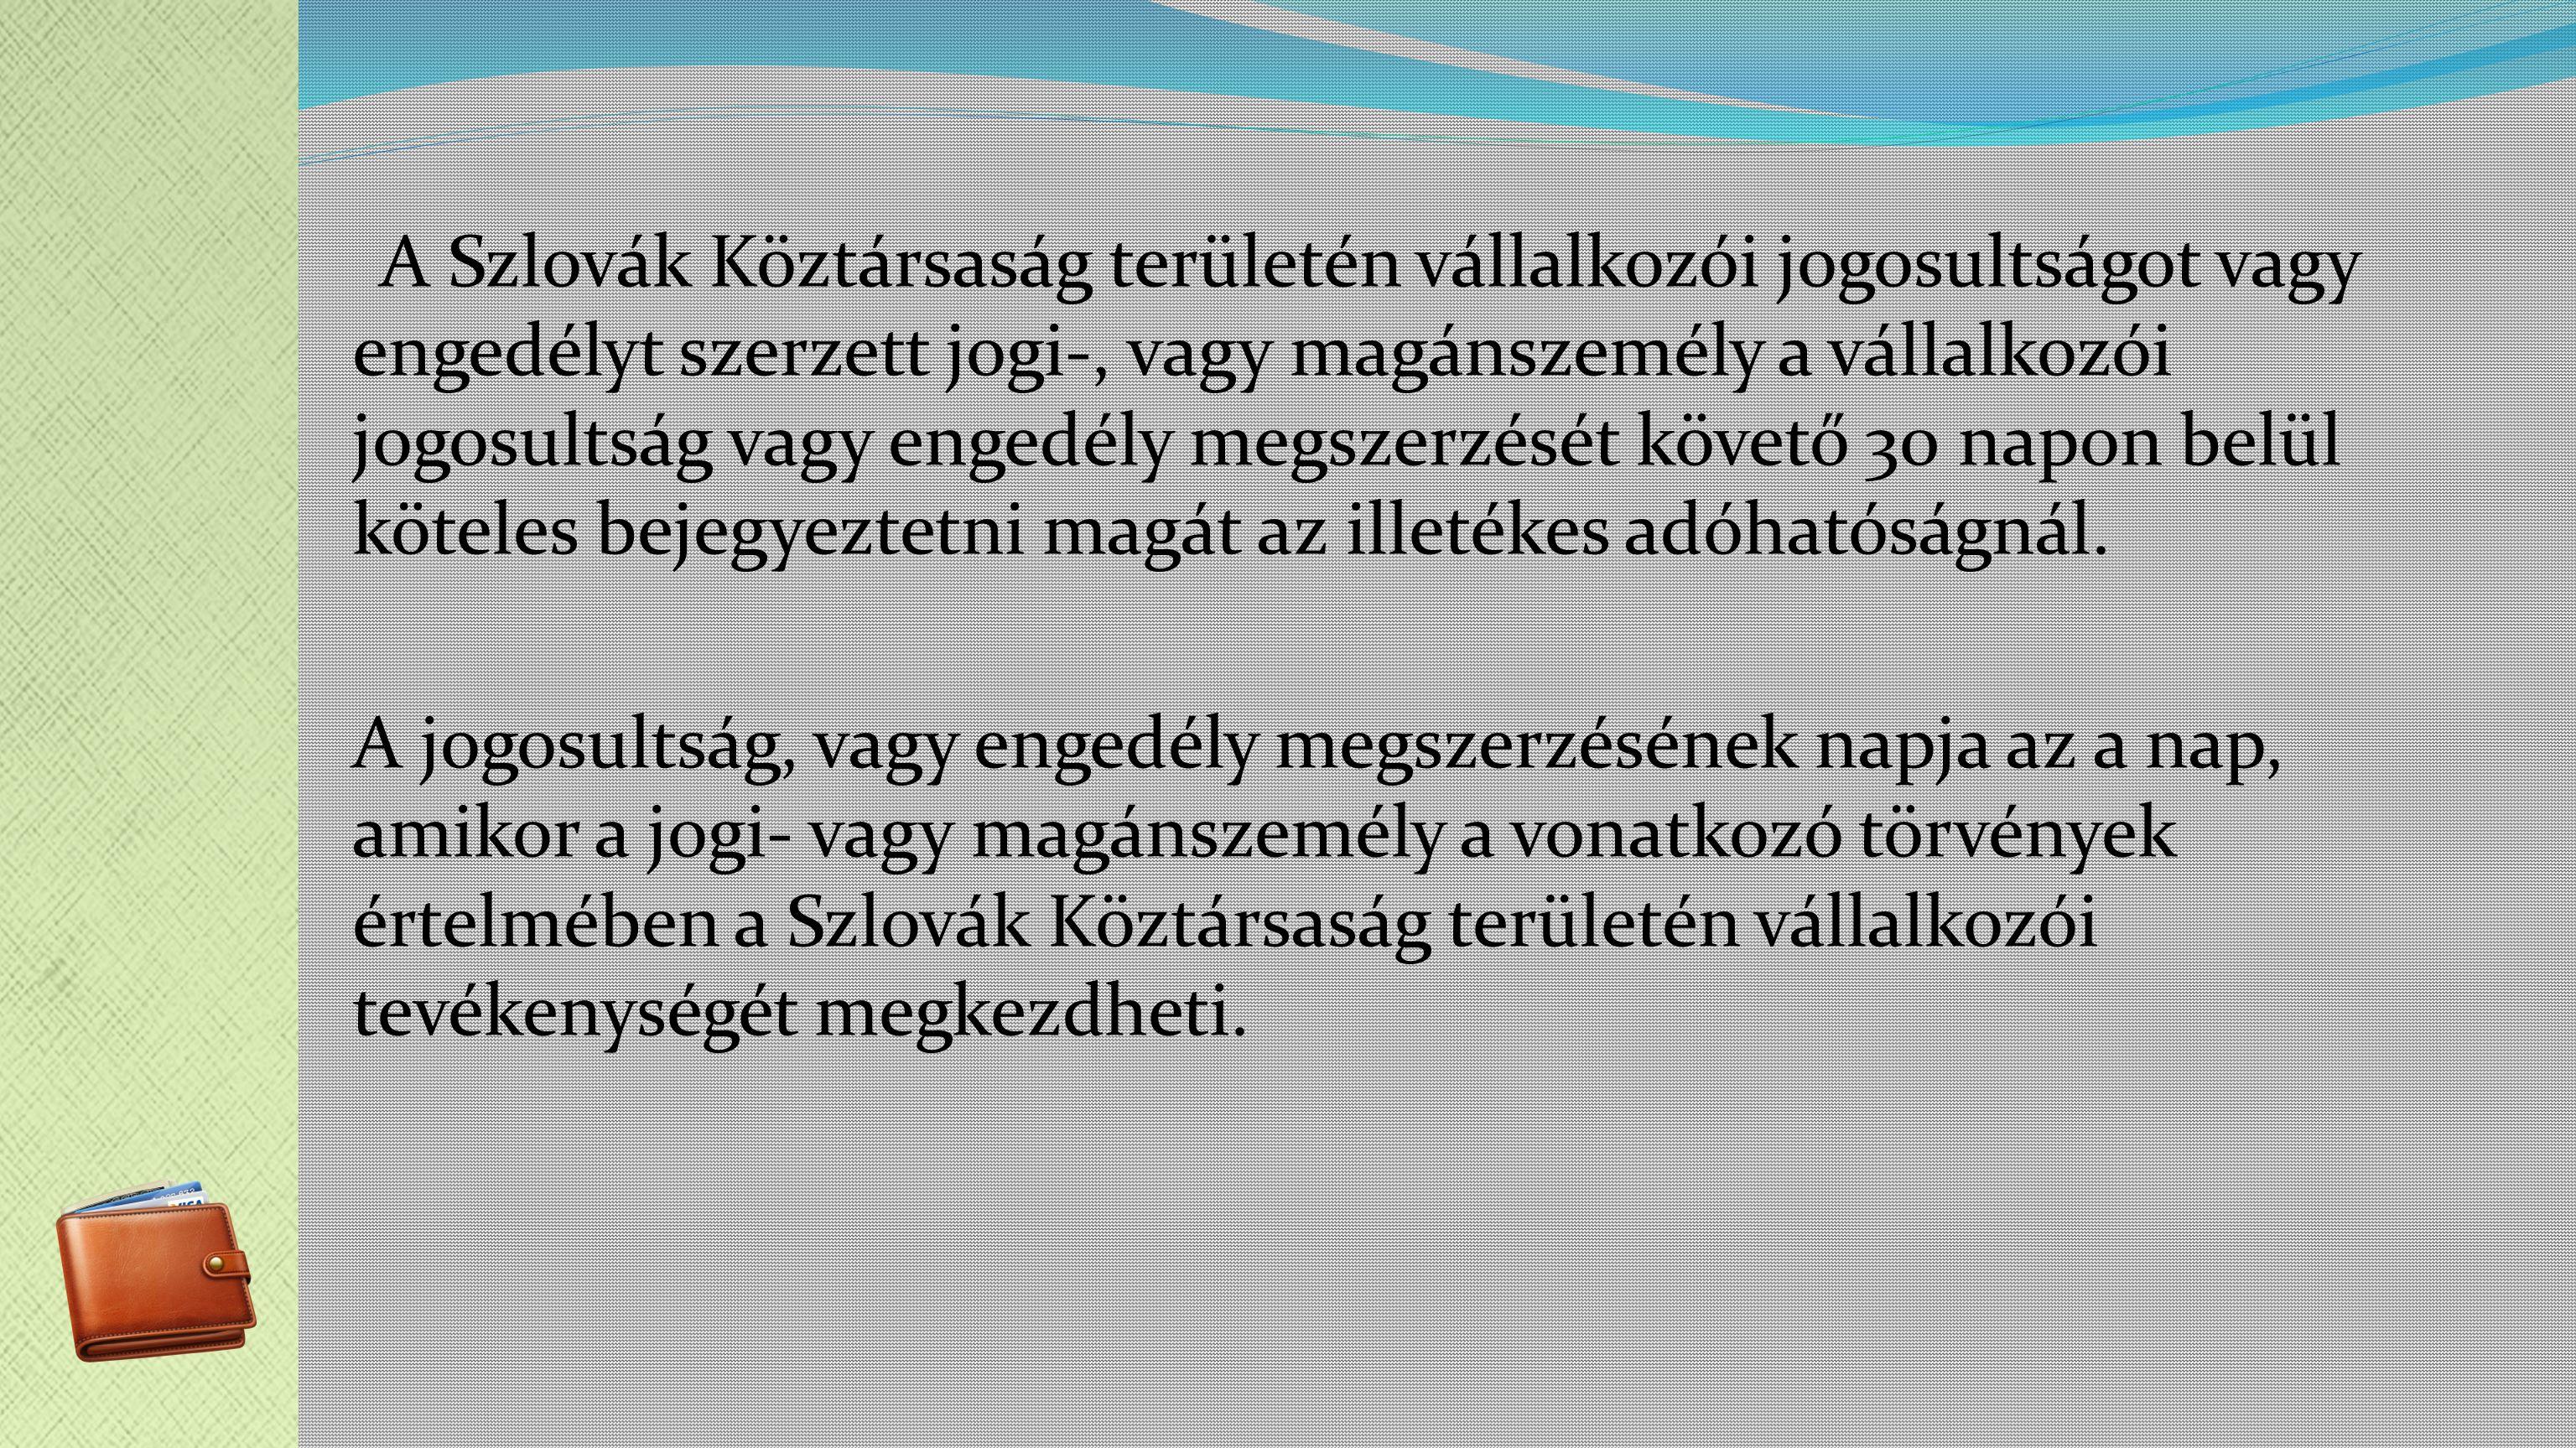 A Szlovák Köztársaság területén vállalkozói jogosultságot vagy engedélyt szerzett jogi-, vagy magánszemély a vállalkozói jogosultság vagy engedély megszerzését követő 30 napon belül köteles bejegyeztetni magát az illetékes adóhatóságnál.